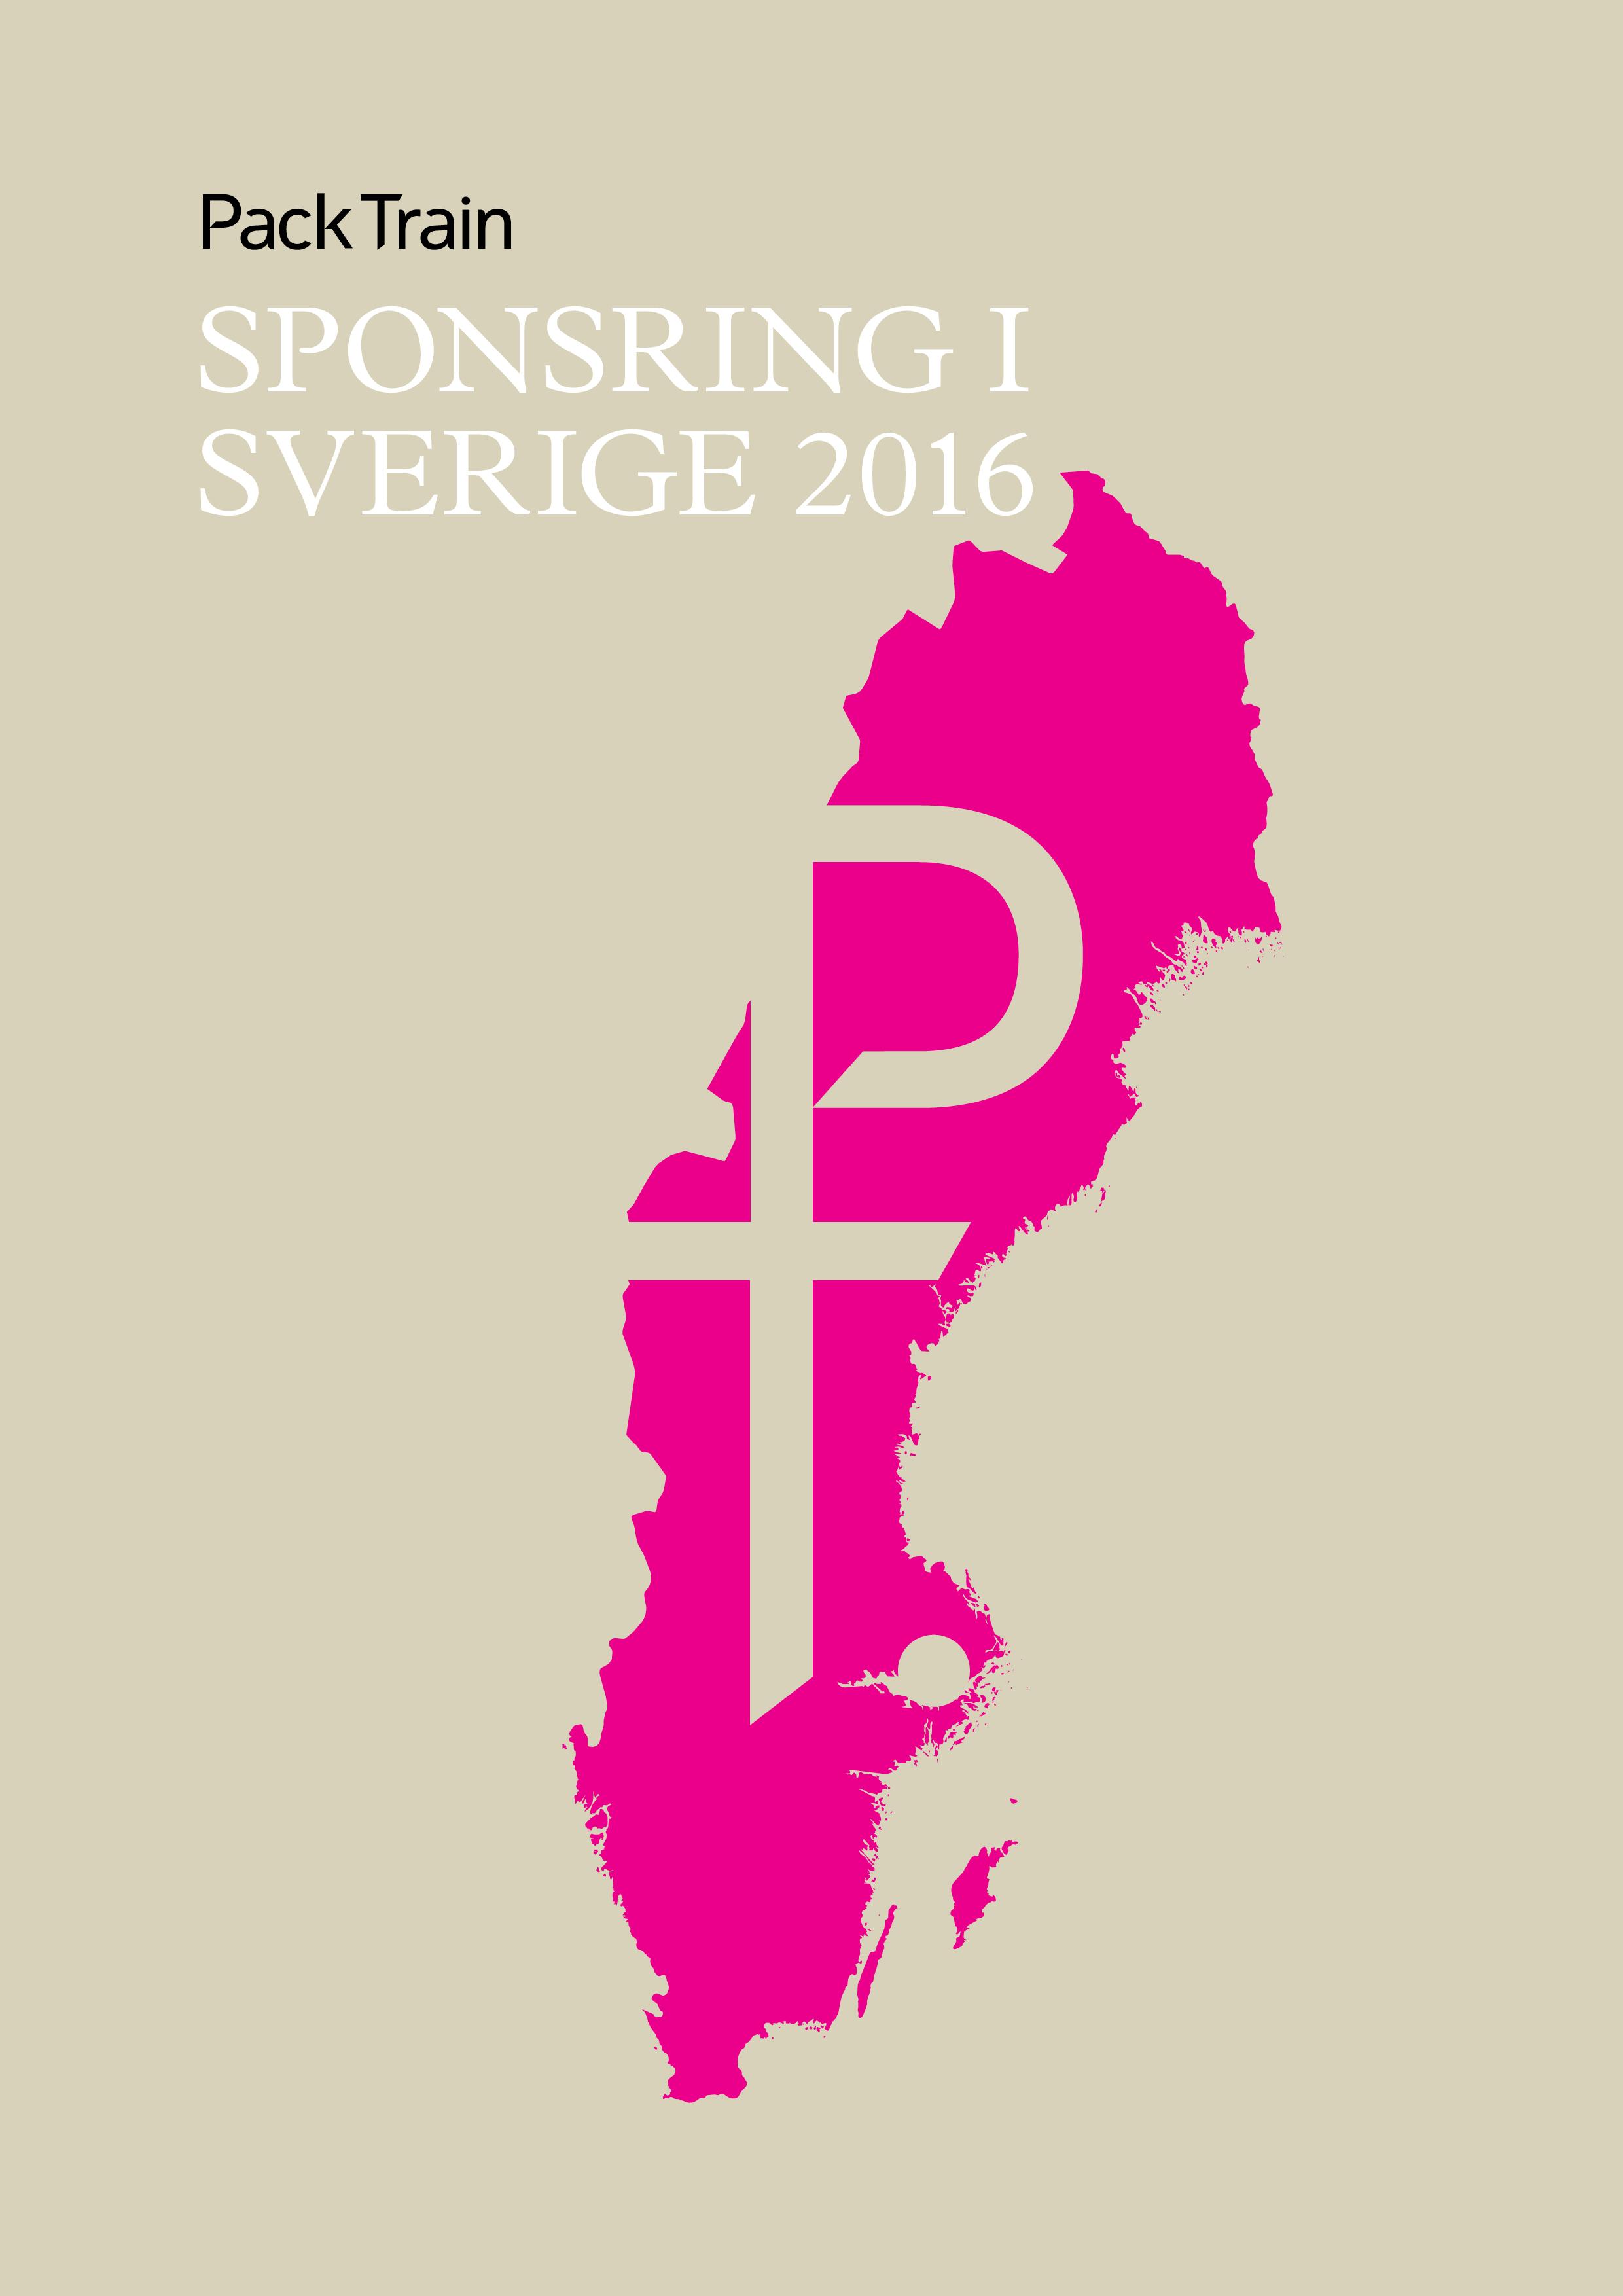 Sponsring i Sverige Pack Train